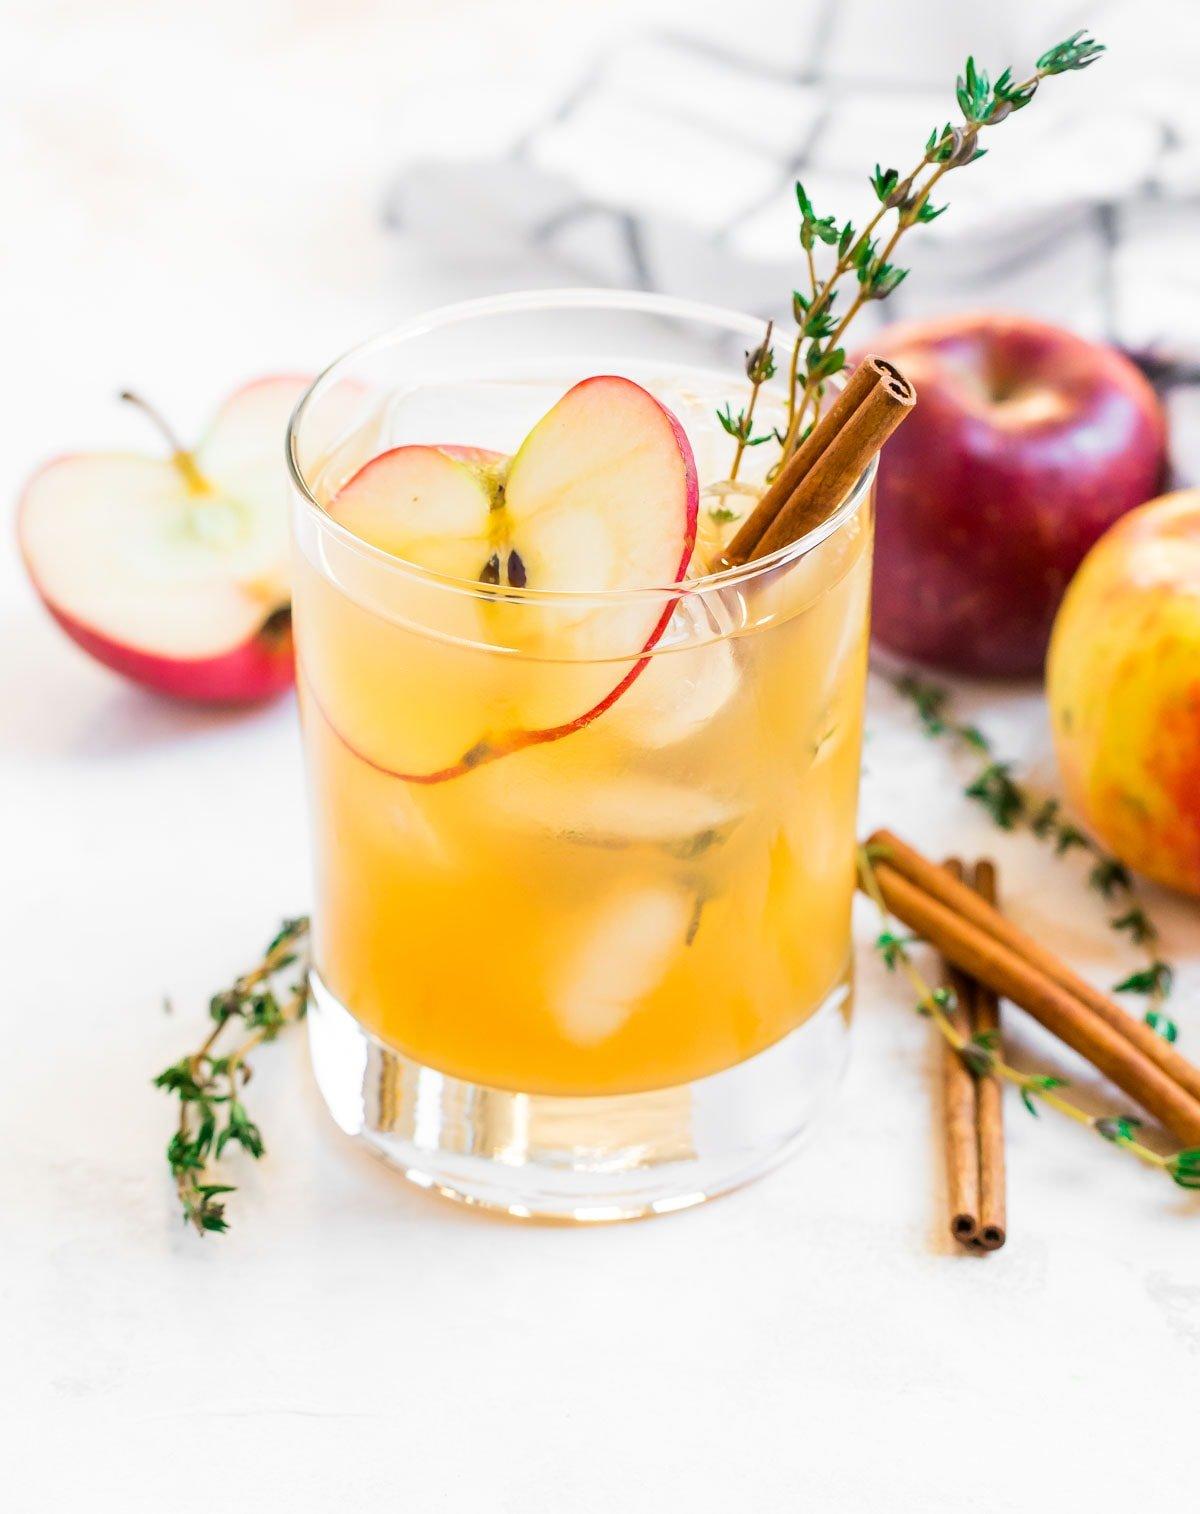 Cóctel de sidra de manzana con canela y manzana